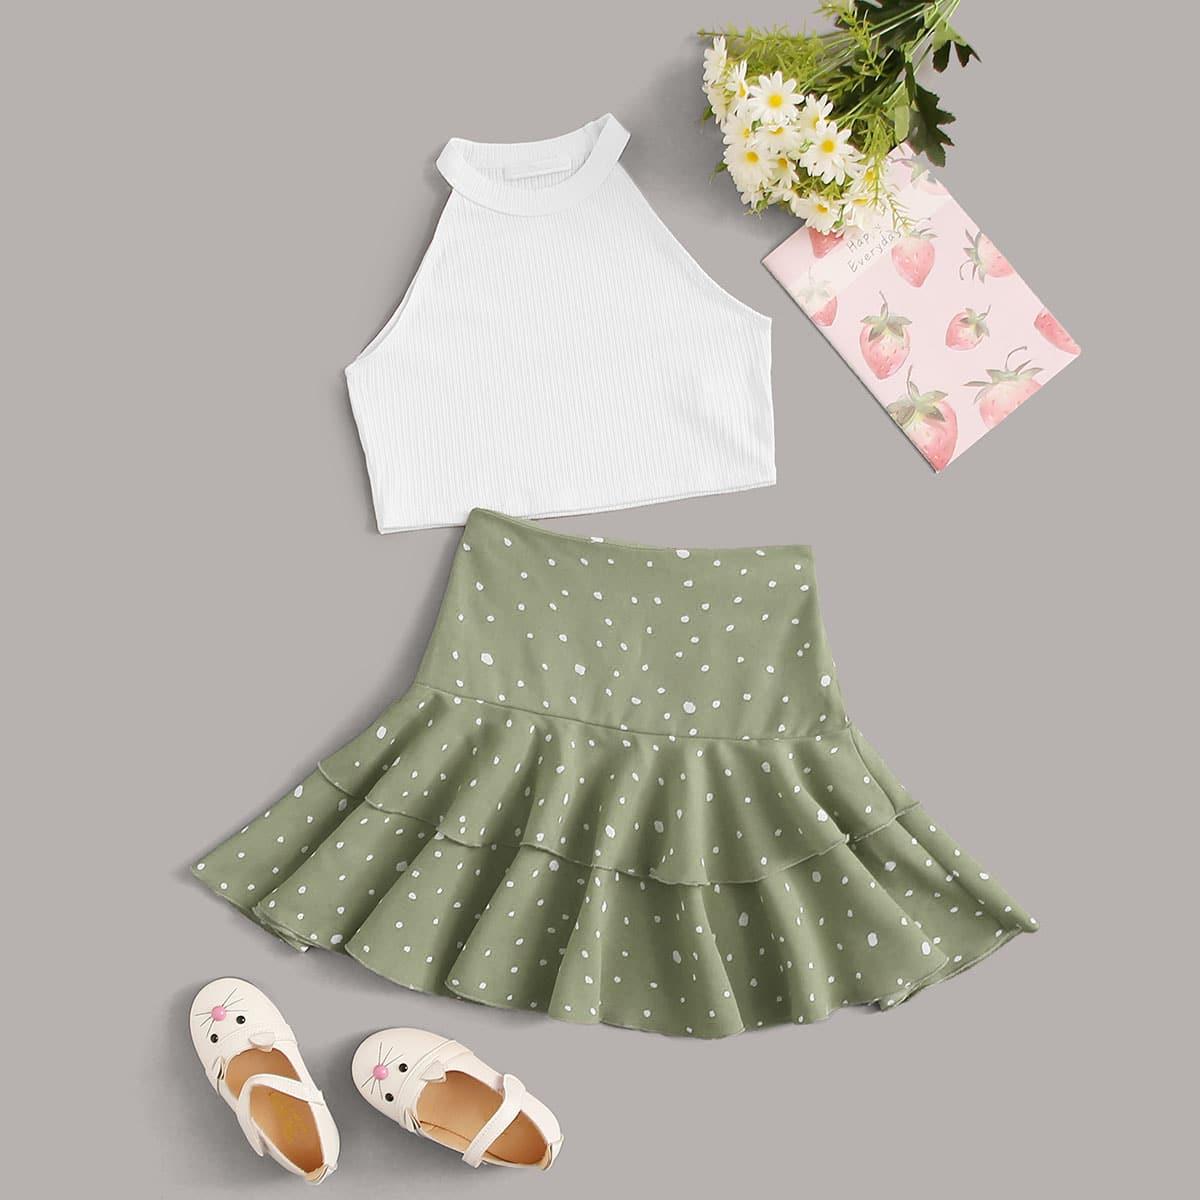 Трикотажный топ-халтер и юбка с далматинским принтом для девочек фото